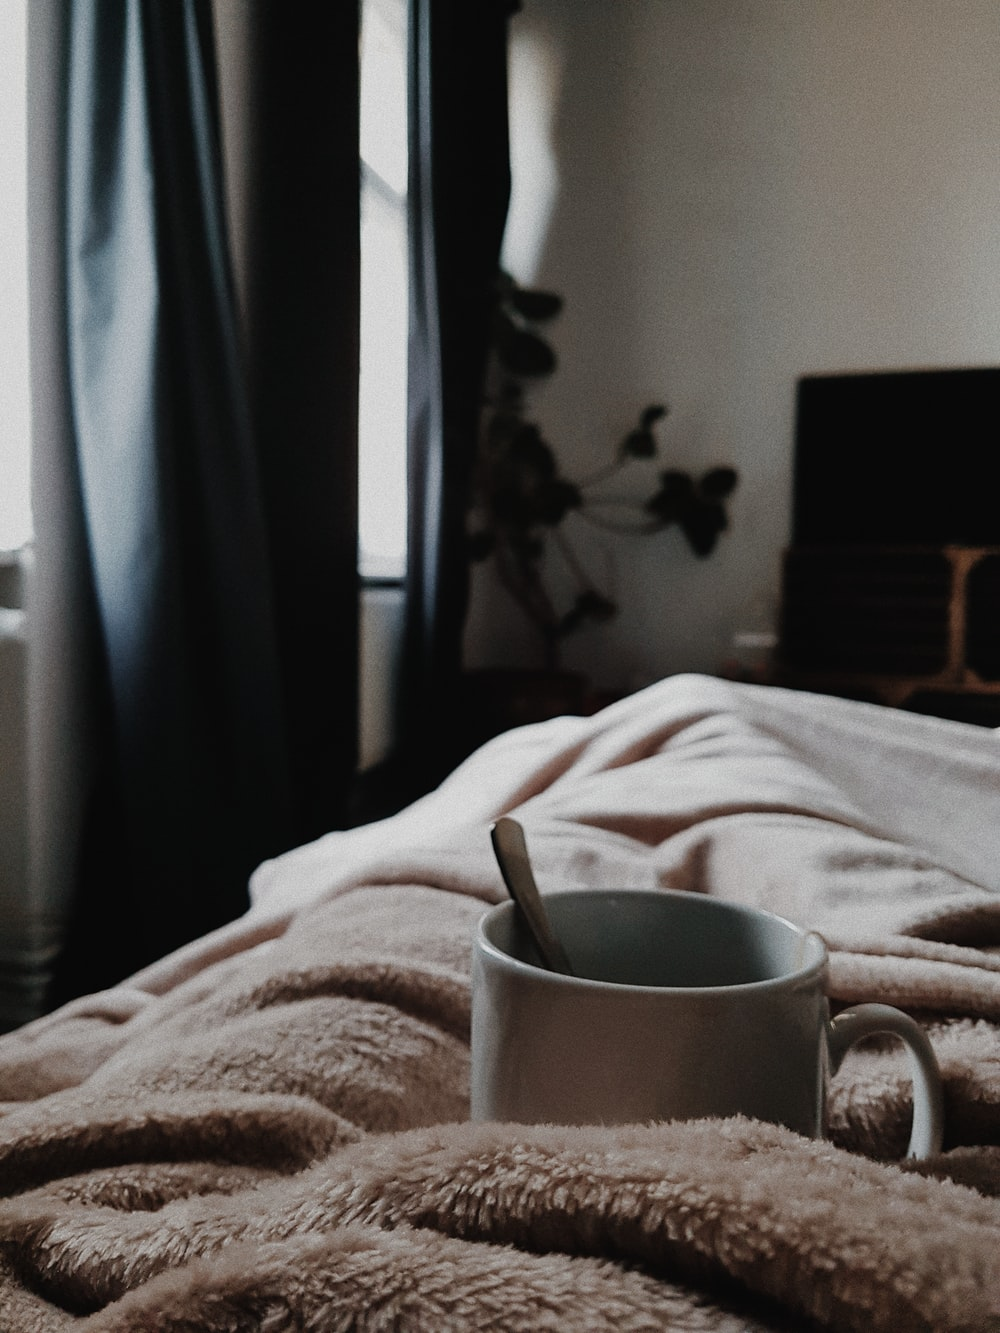 white ceramic mug on bed